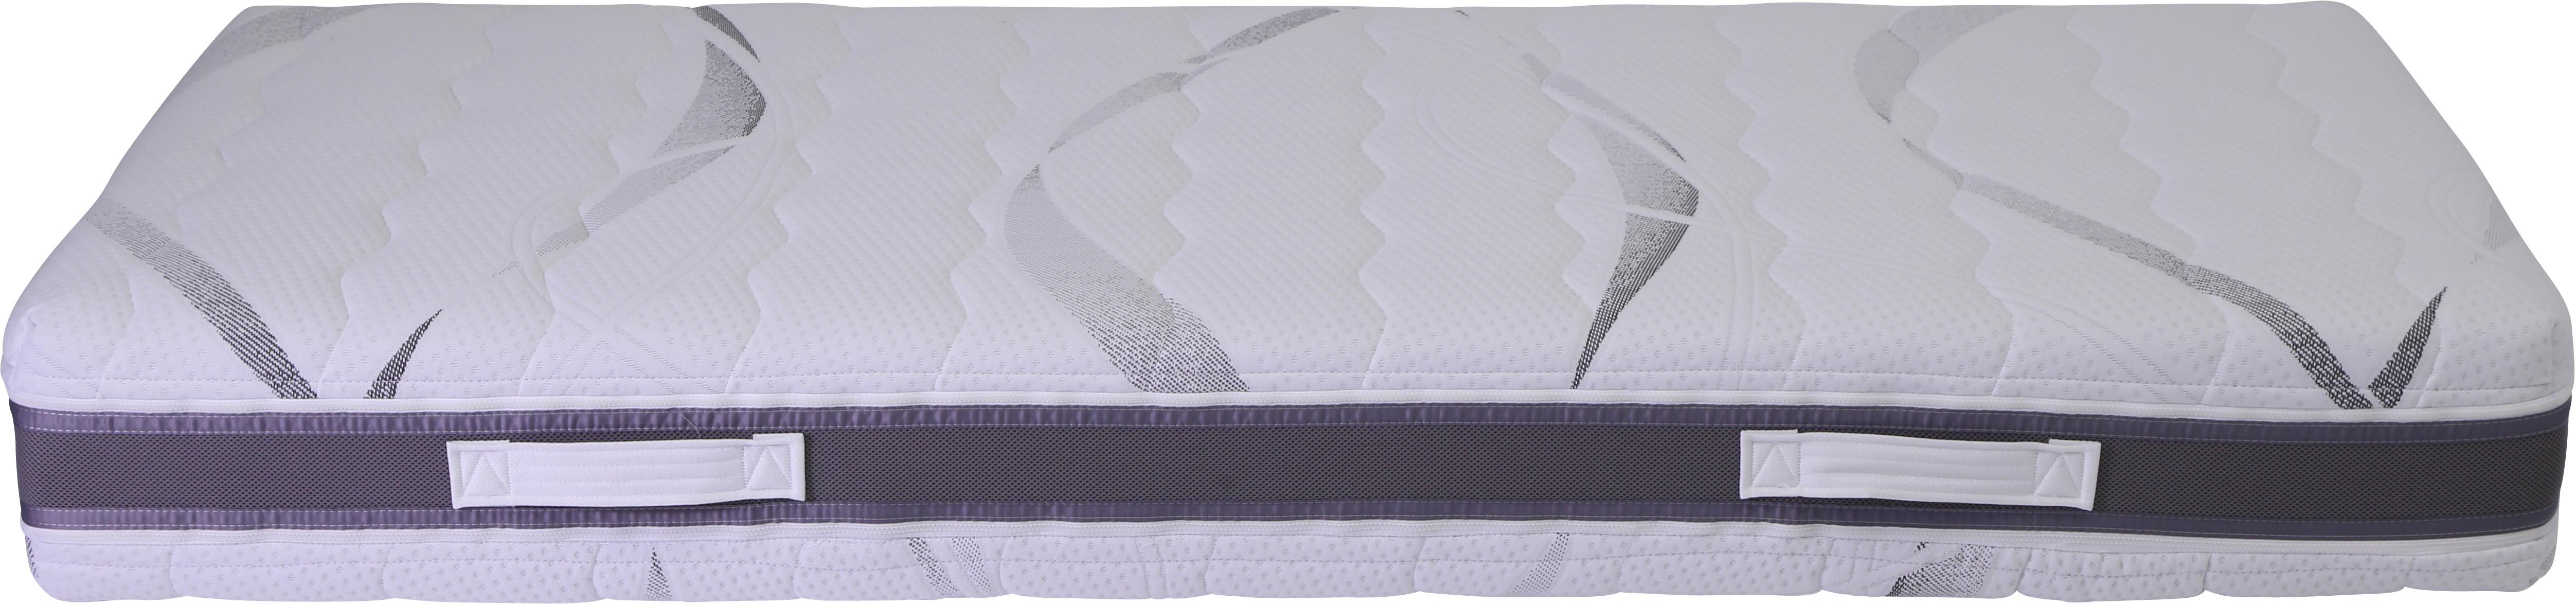 I dettagli del test sul materasso mondo convenienza onda for Mondo convenienza materassi singoli